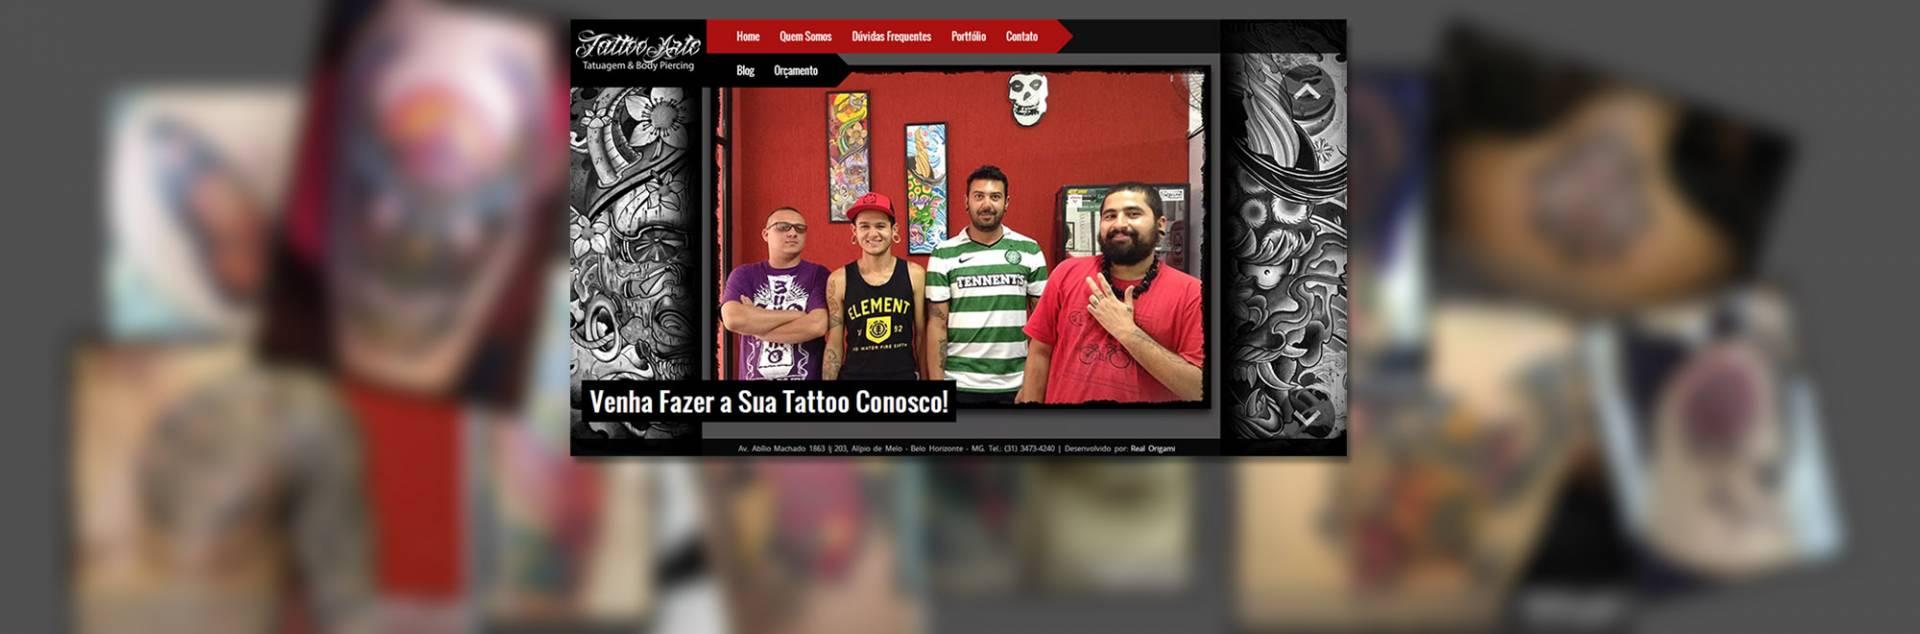 Site Tattoo Arte